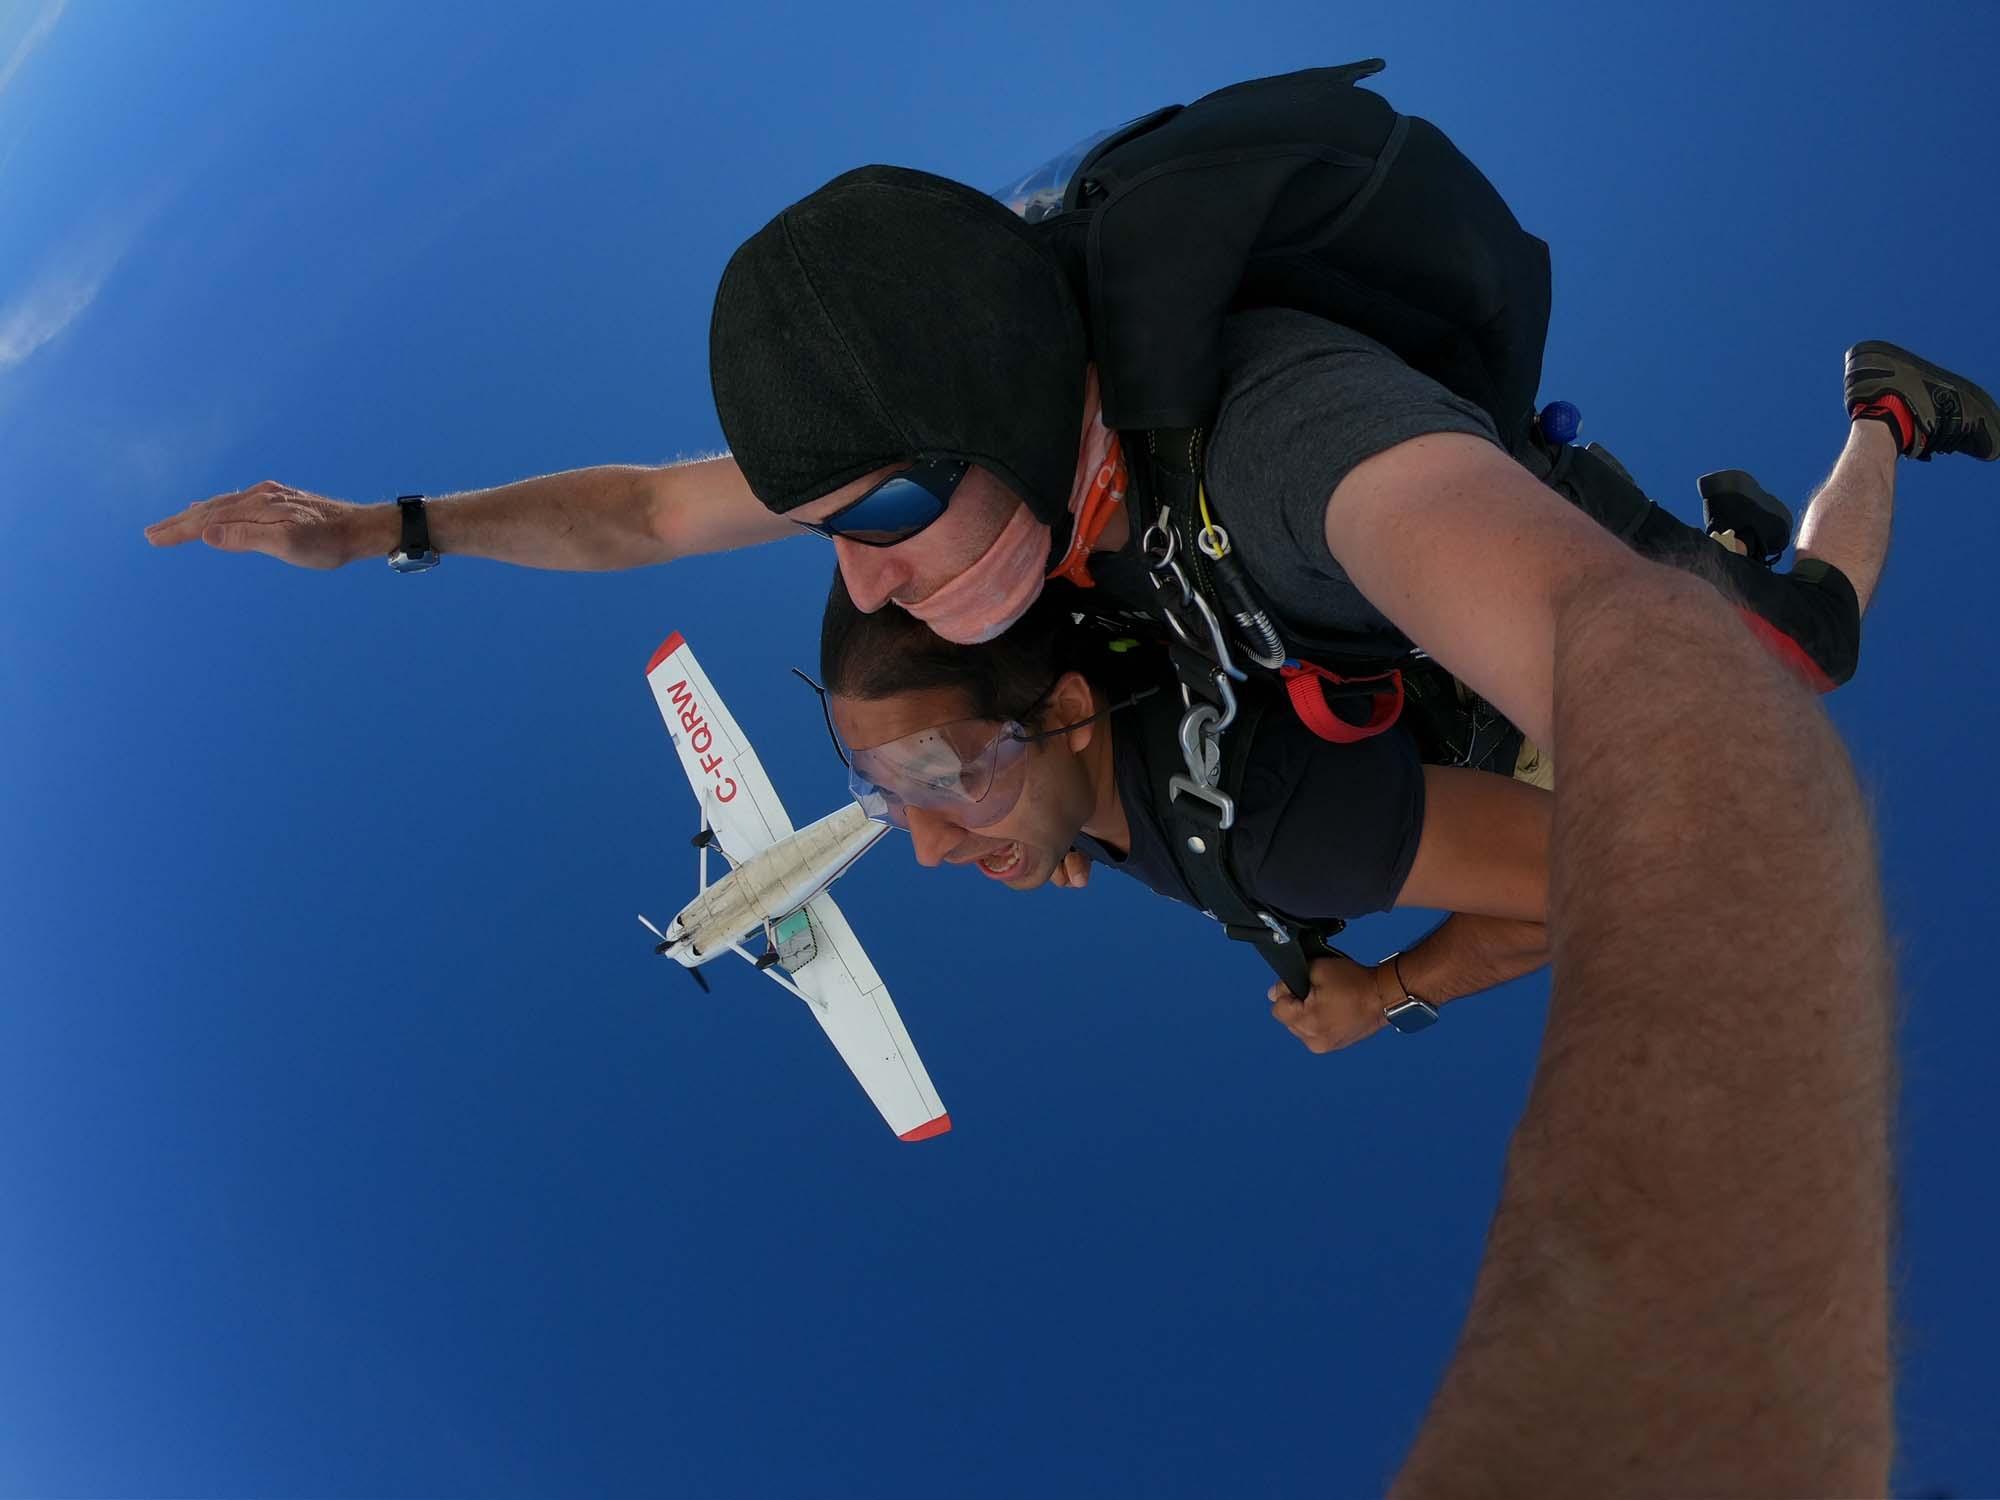 skydive jump pilot